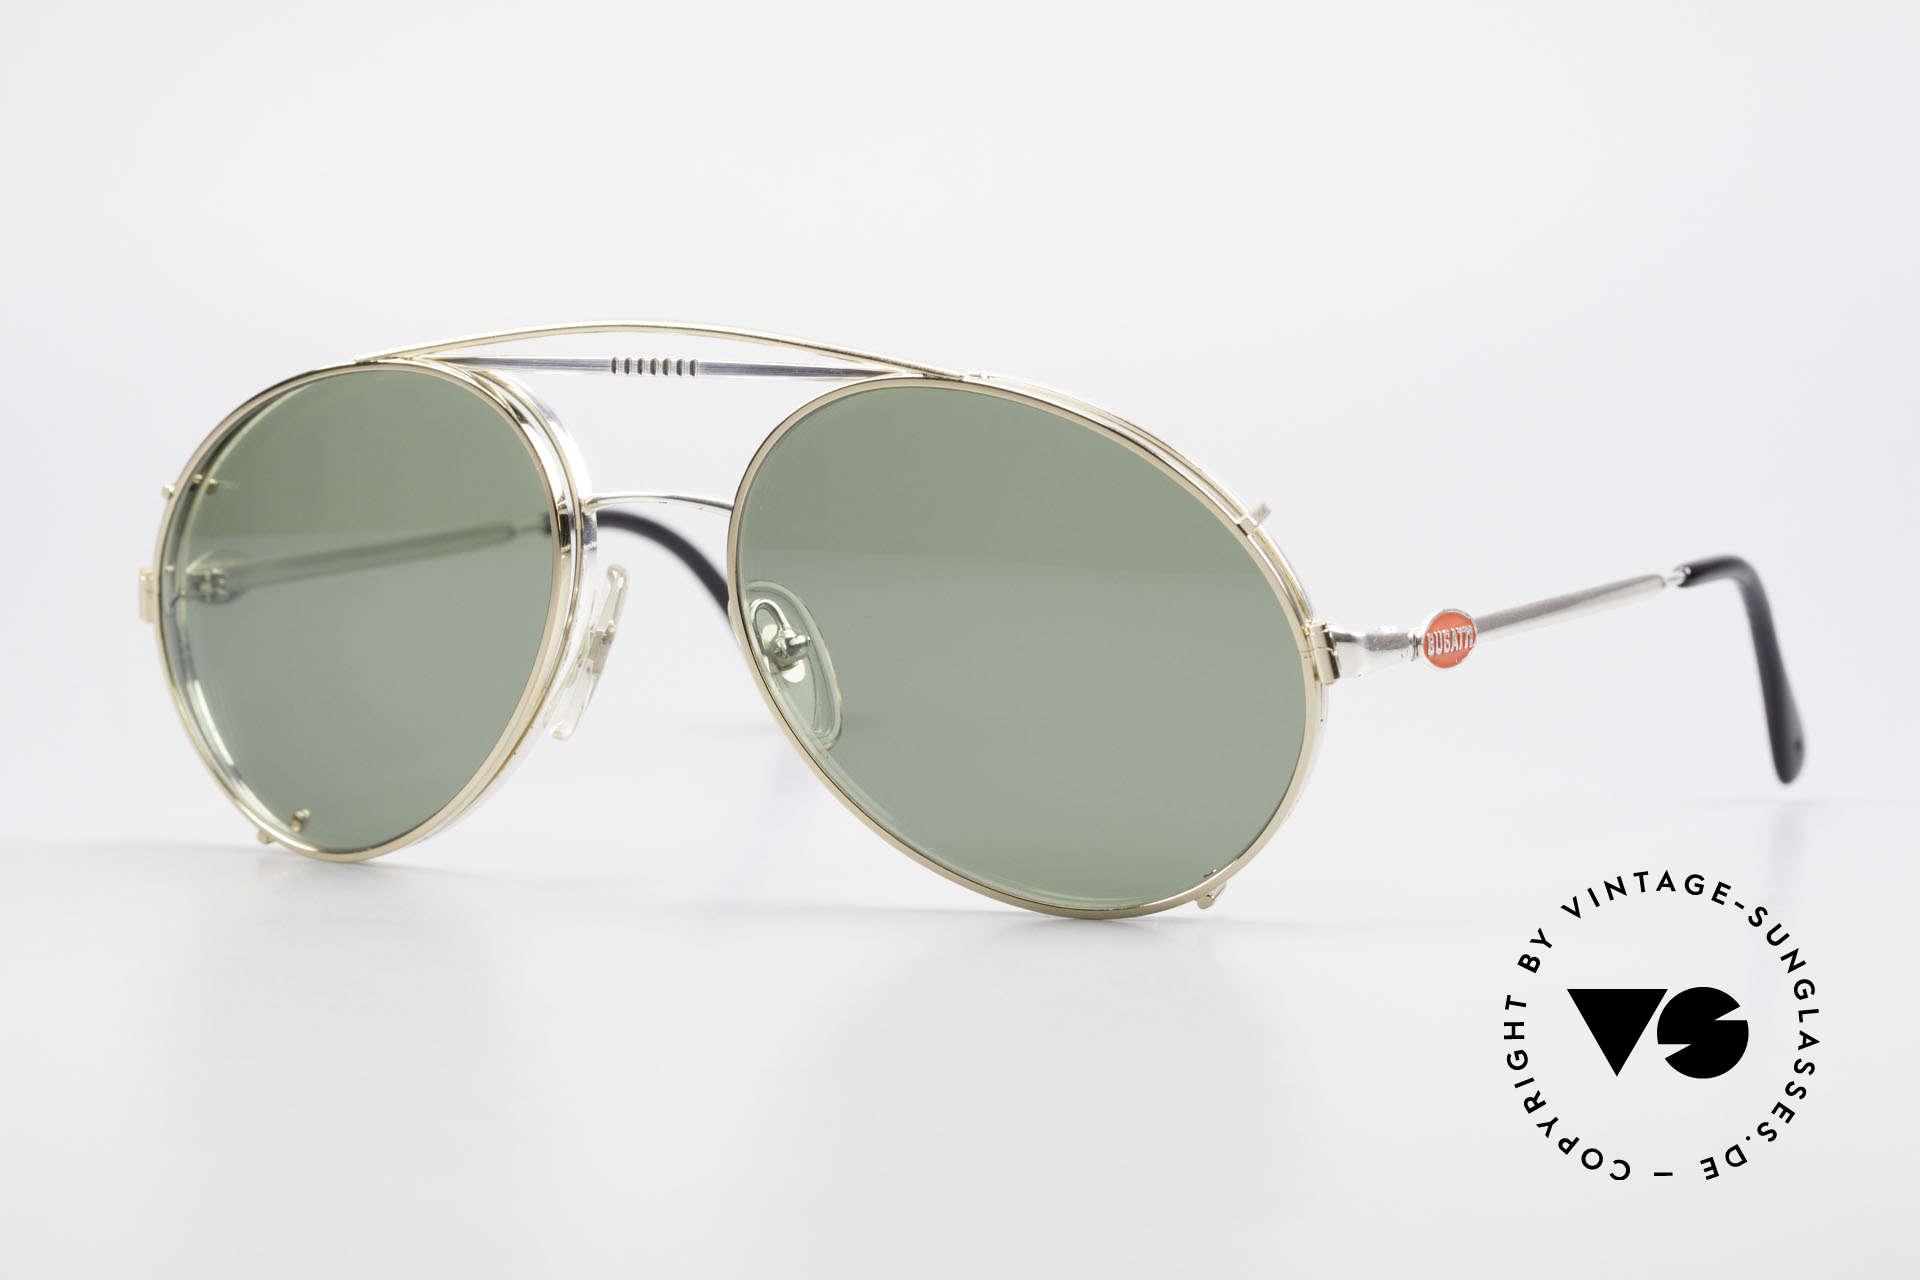 Bugatti 65996 Vintage 80er Brille Mit Clip On, rare VINTAGE Bugatti 80er Luxus-Sonnenbrille, Passend für Herren